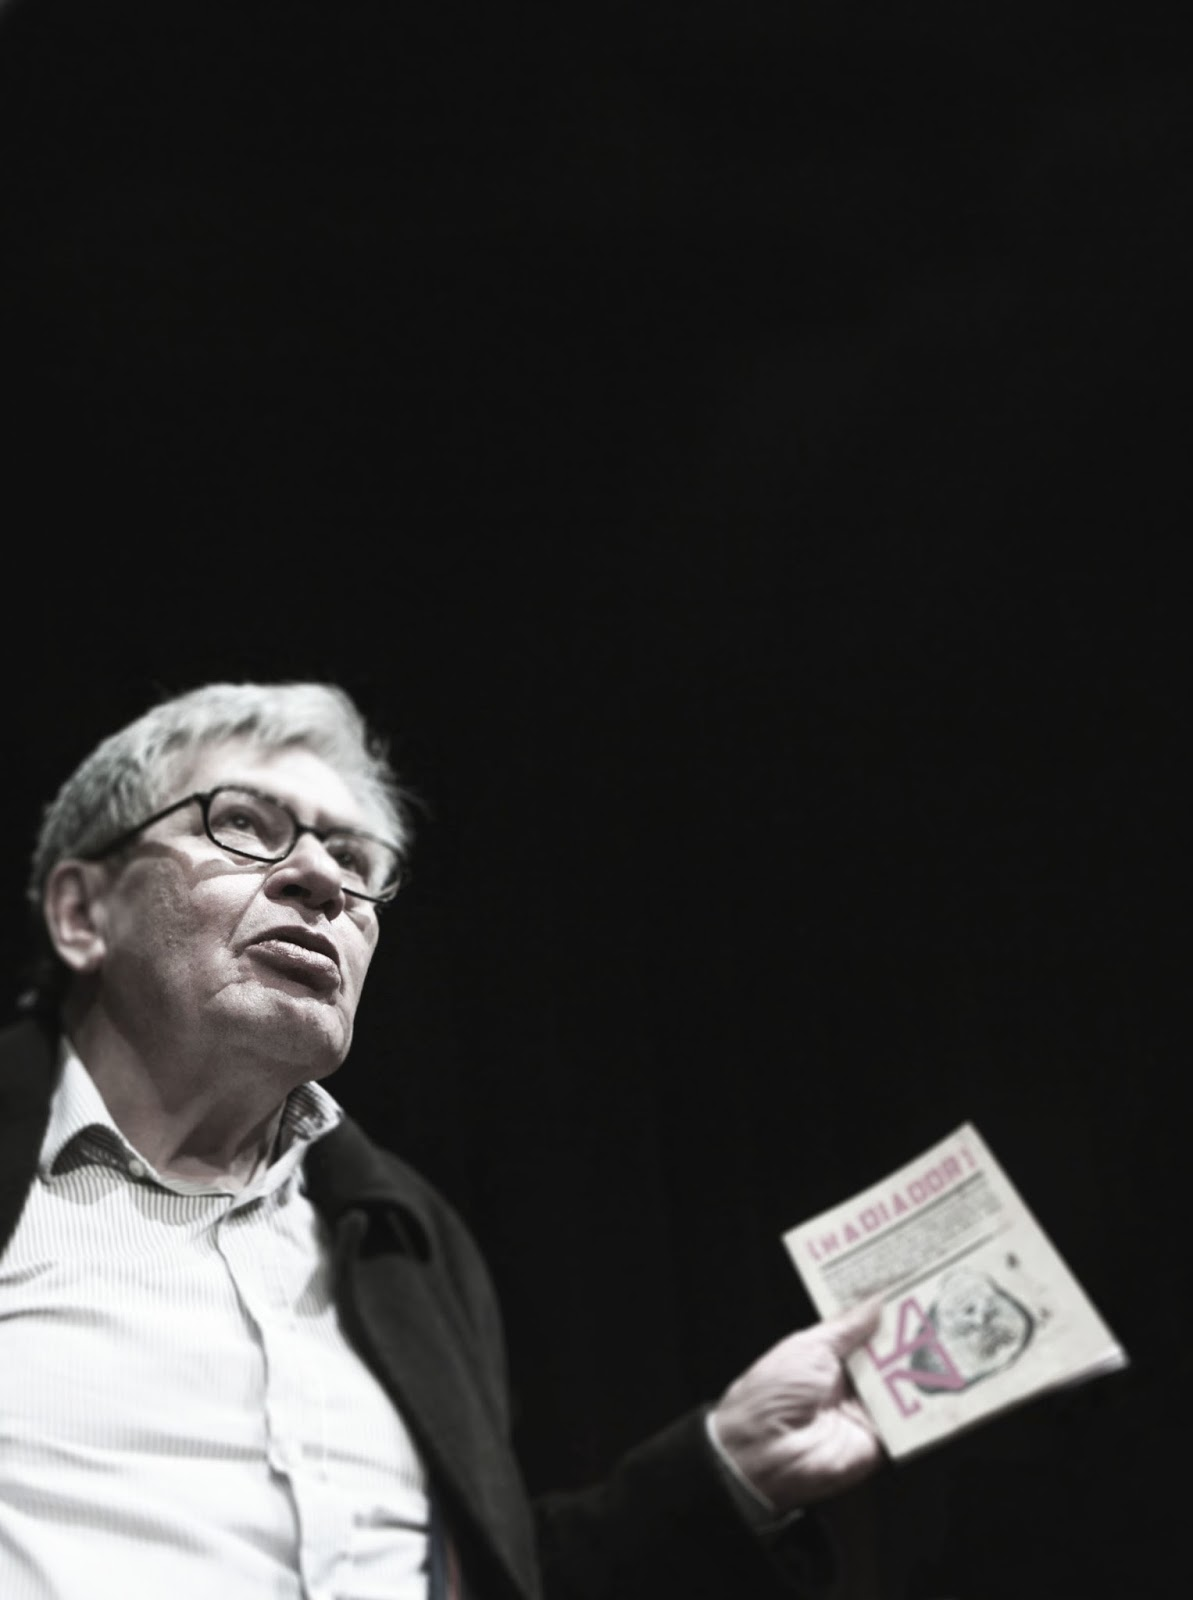 José Emilio Pacheco foto 2014